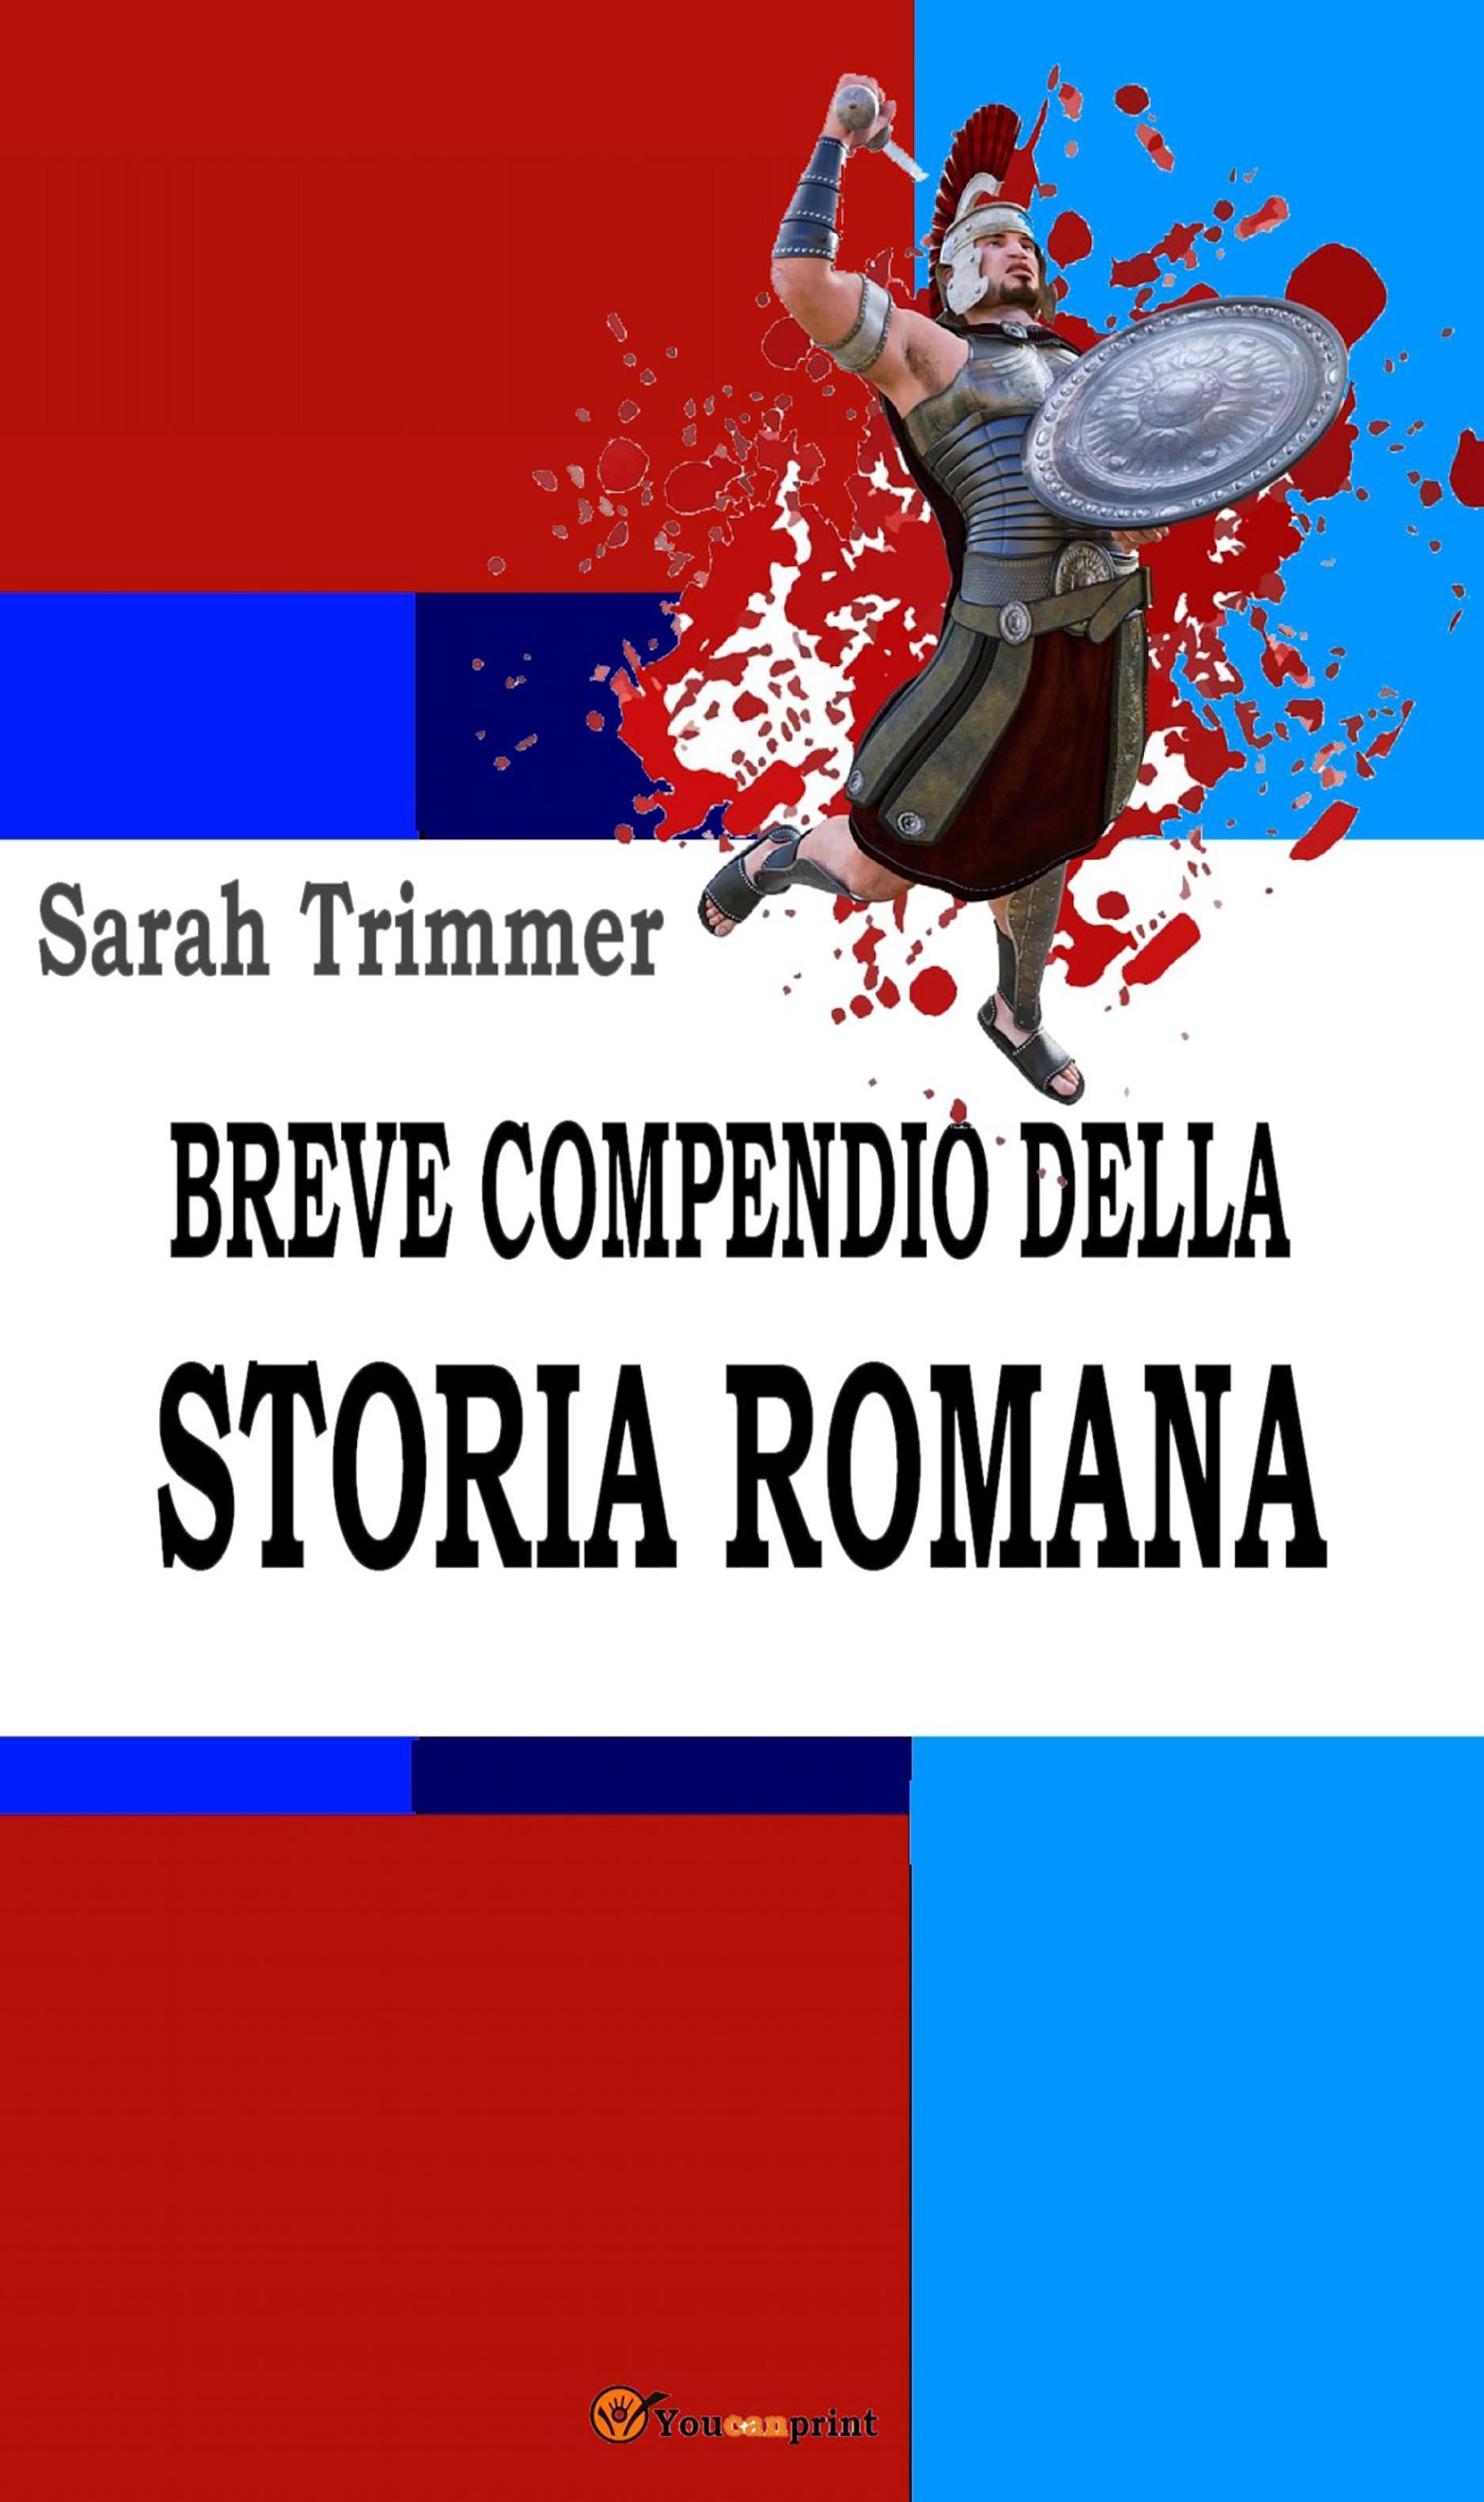 Breve compendio della storia romana (Ad uso dei giovani scolari)